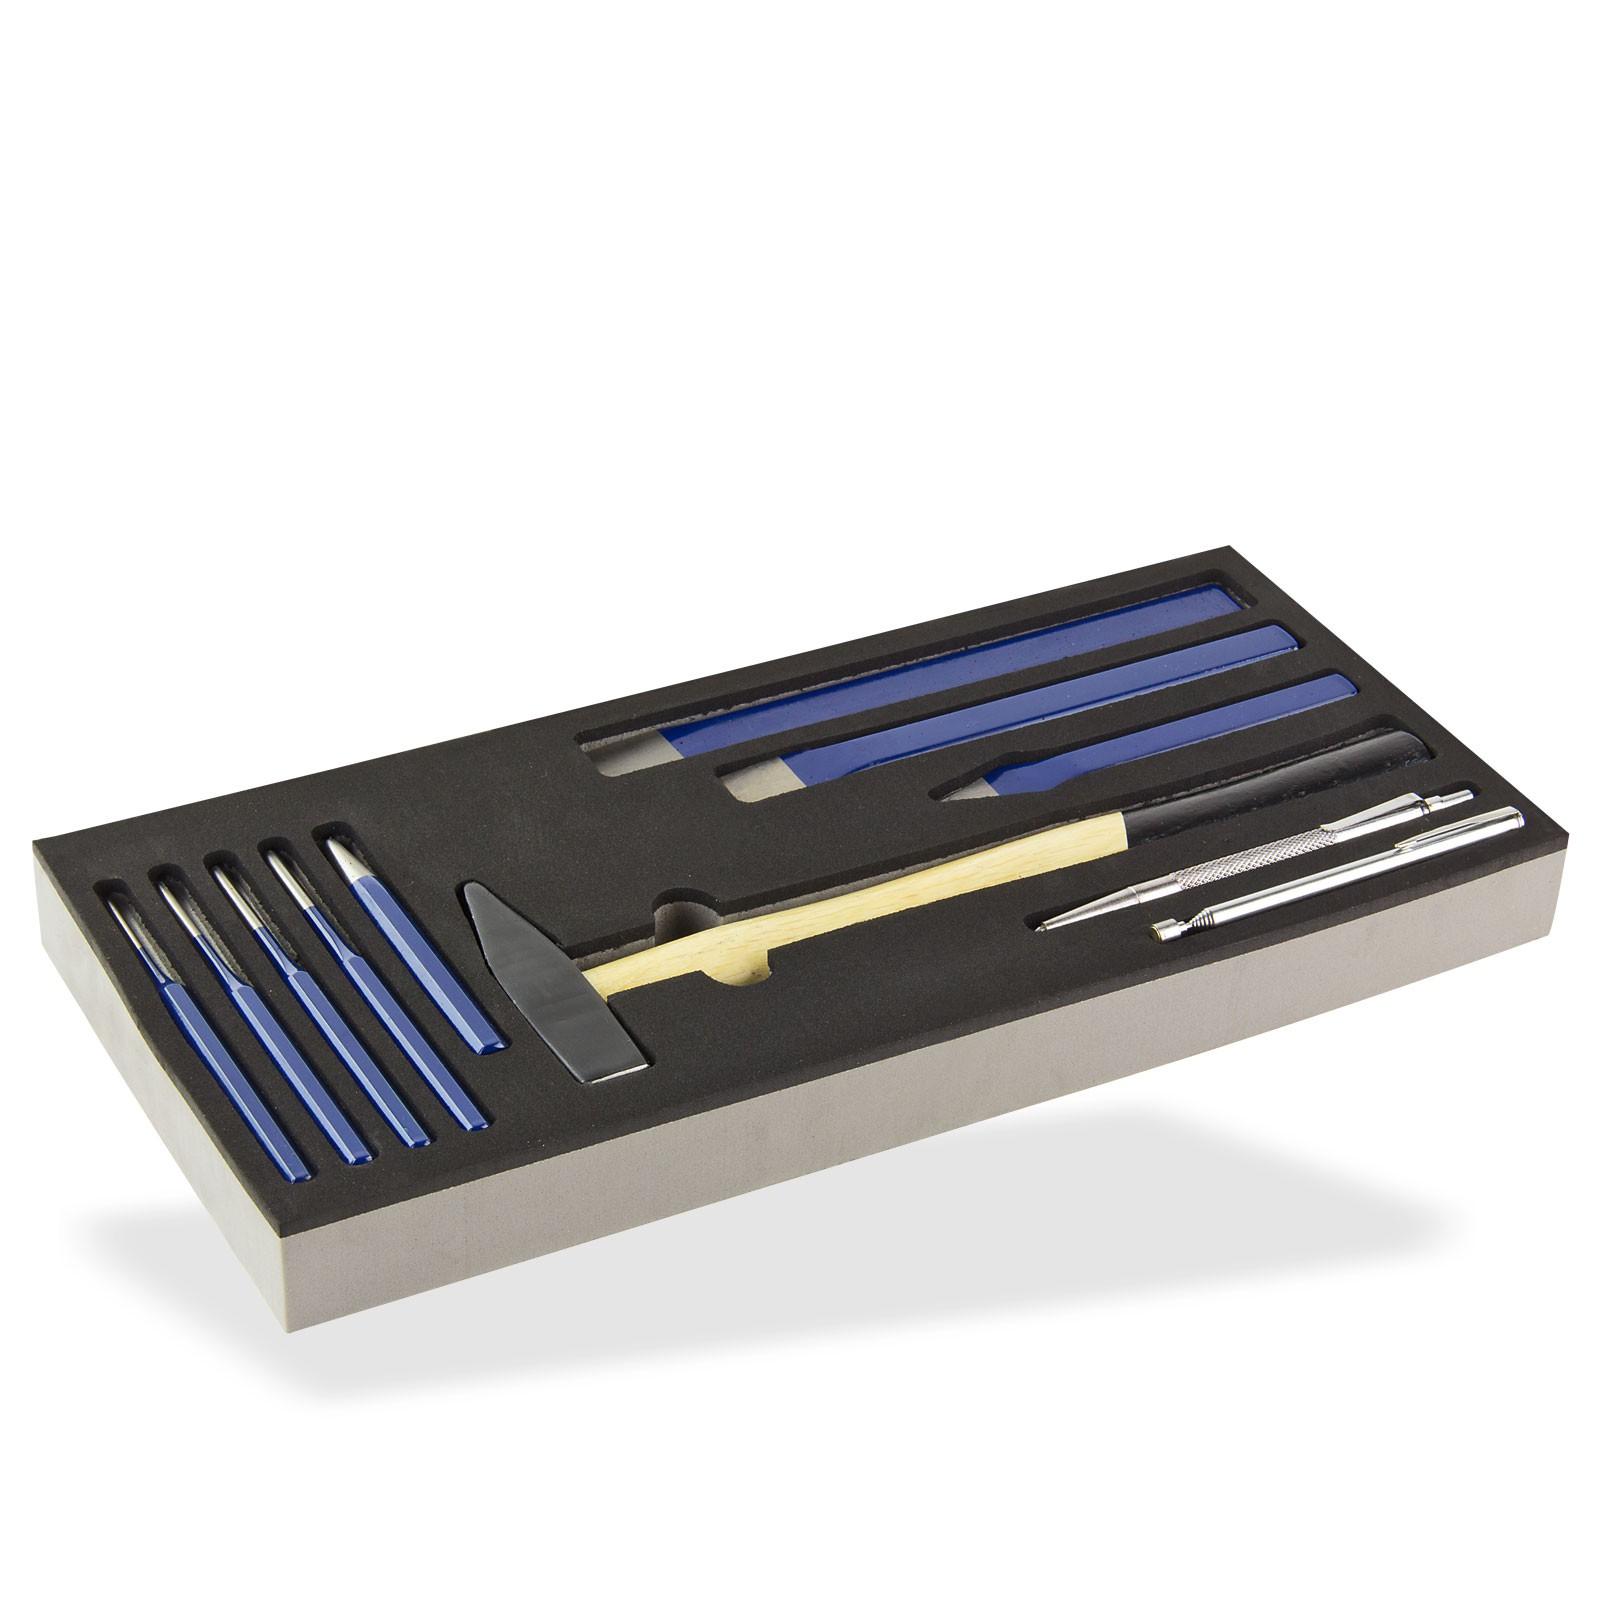 adb werkstattwagen einlage hammer mei el set 11 teilig. Black Bedroom Furniture Sets. Home Design Ideas